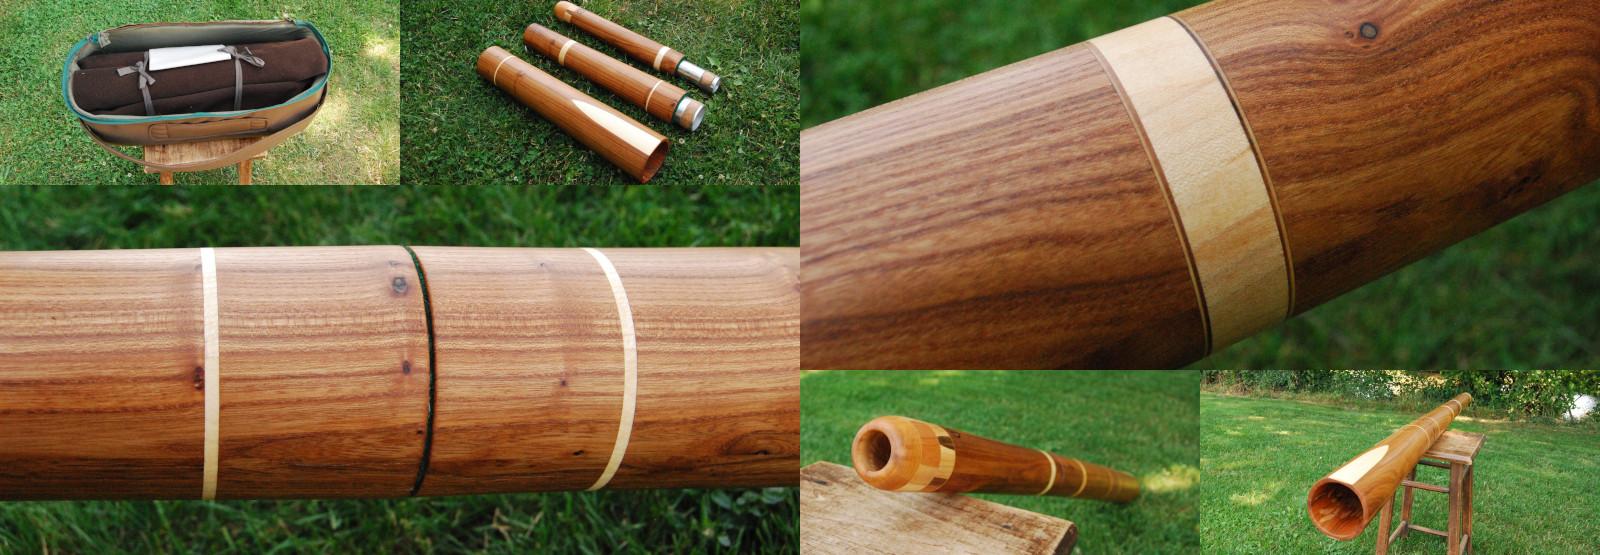 Pivert Didgeridoos_123